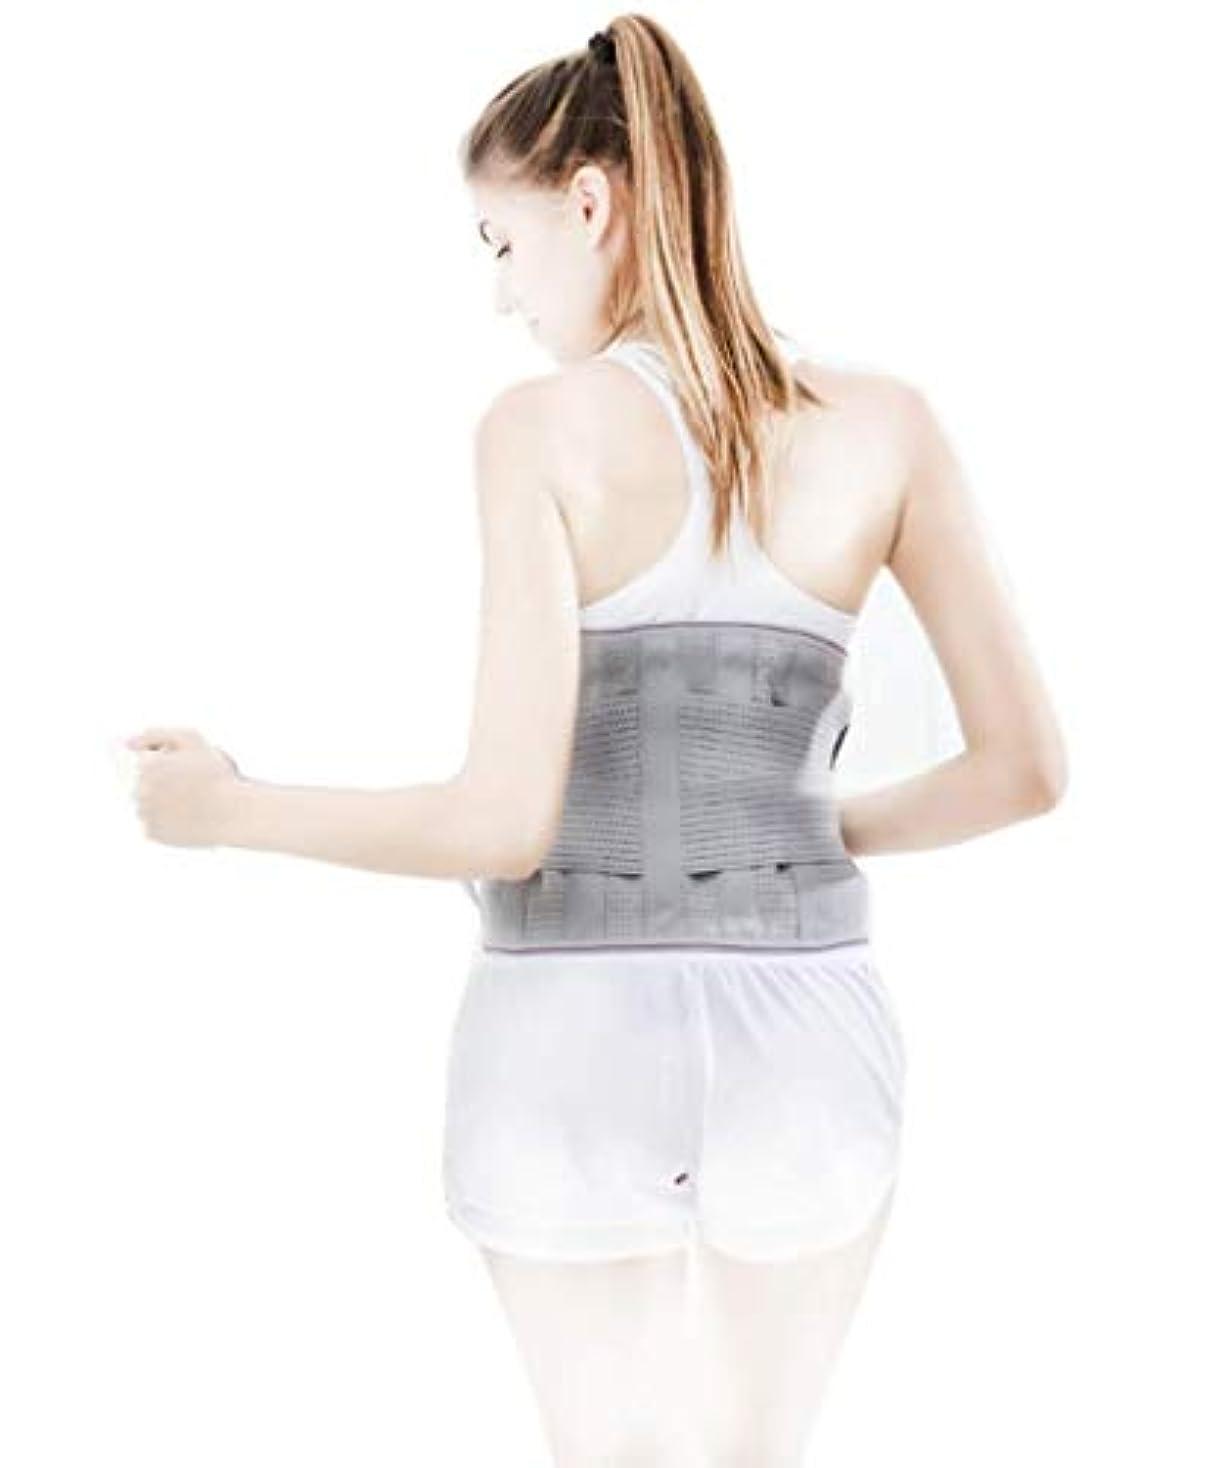 早い熟達衝突コースウエストマッサージャー、腰椎サポートベルト、坐骨神経痛、椎間板ヘルニア、超軽量通気性ファブリック、腰痛の緩和